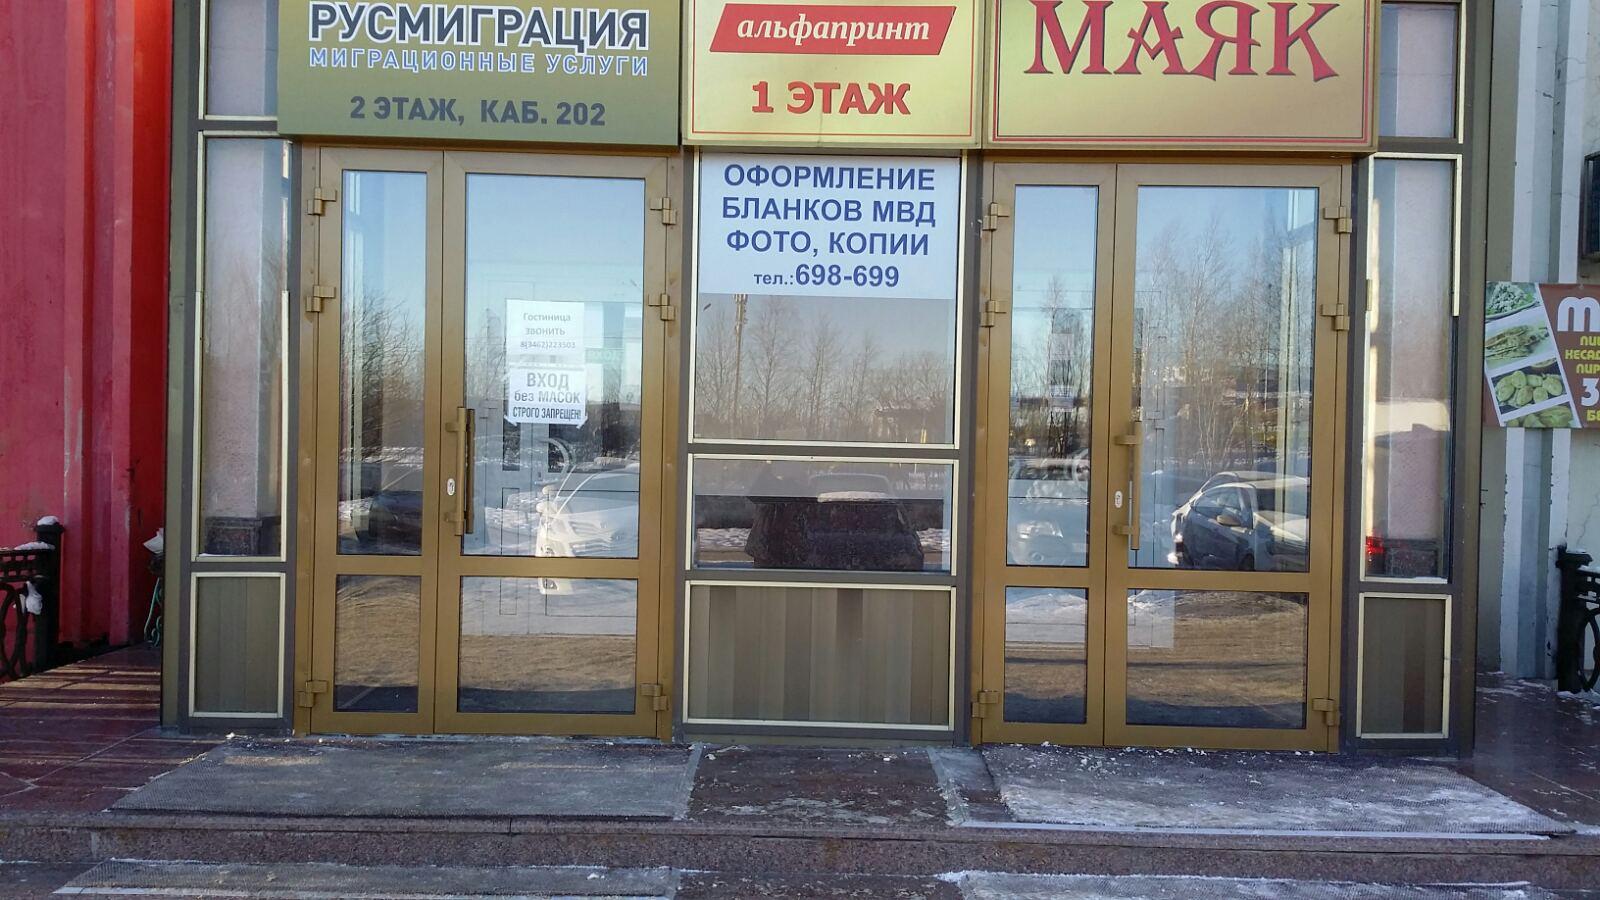 ул. Маяковского 51 Установка пластиковых дверей Фото 1